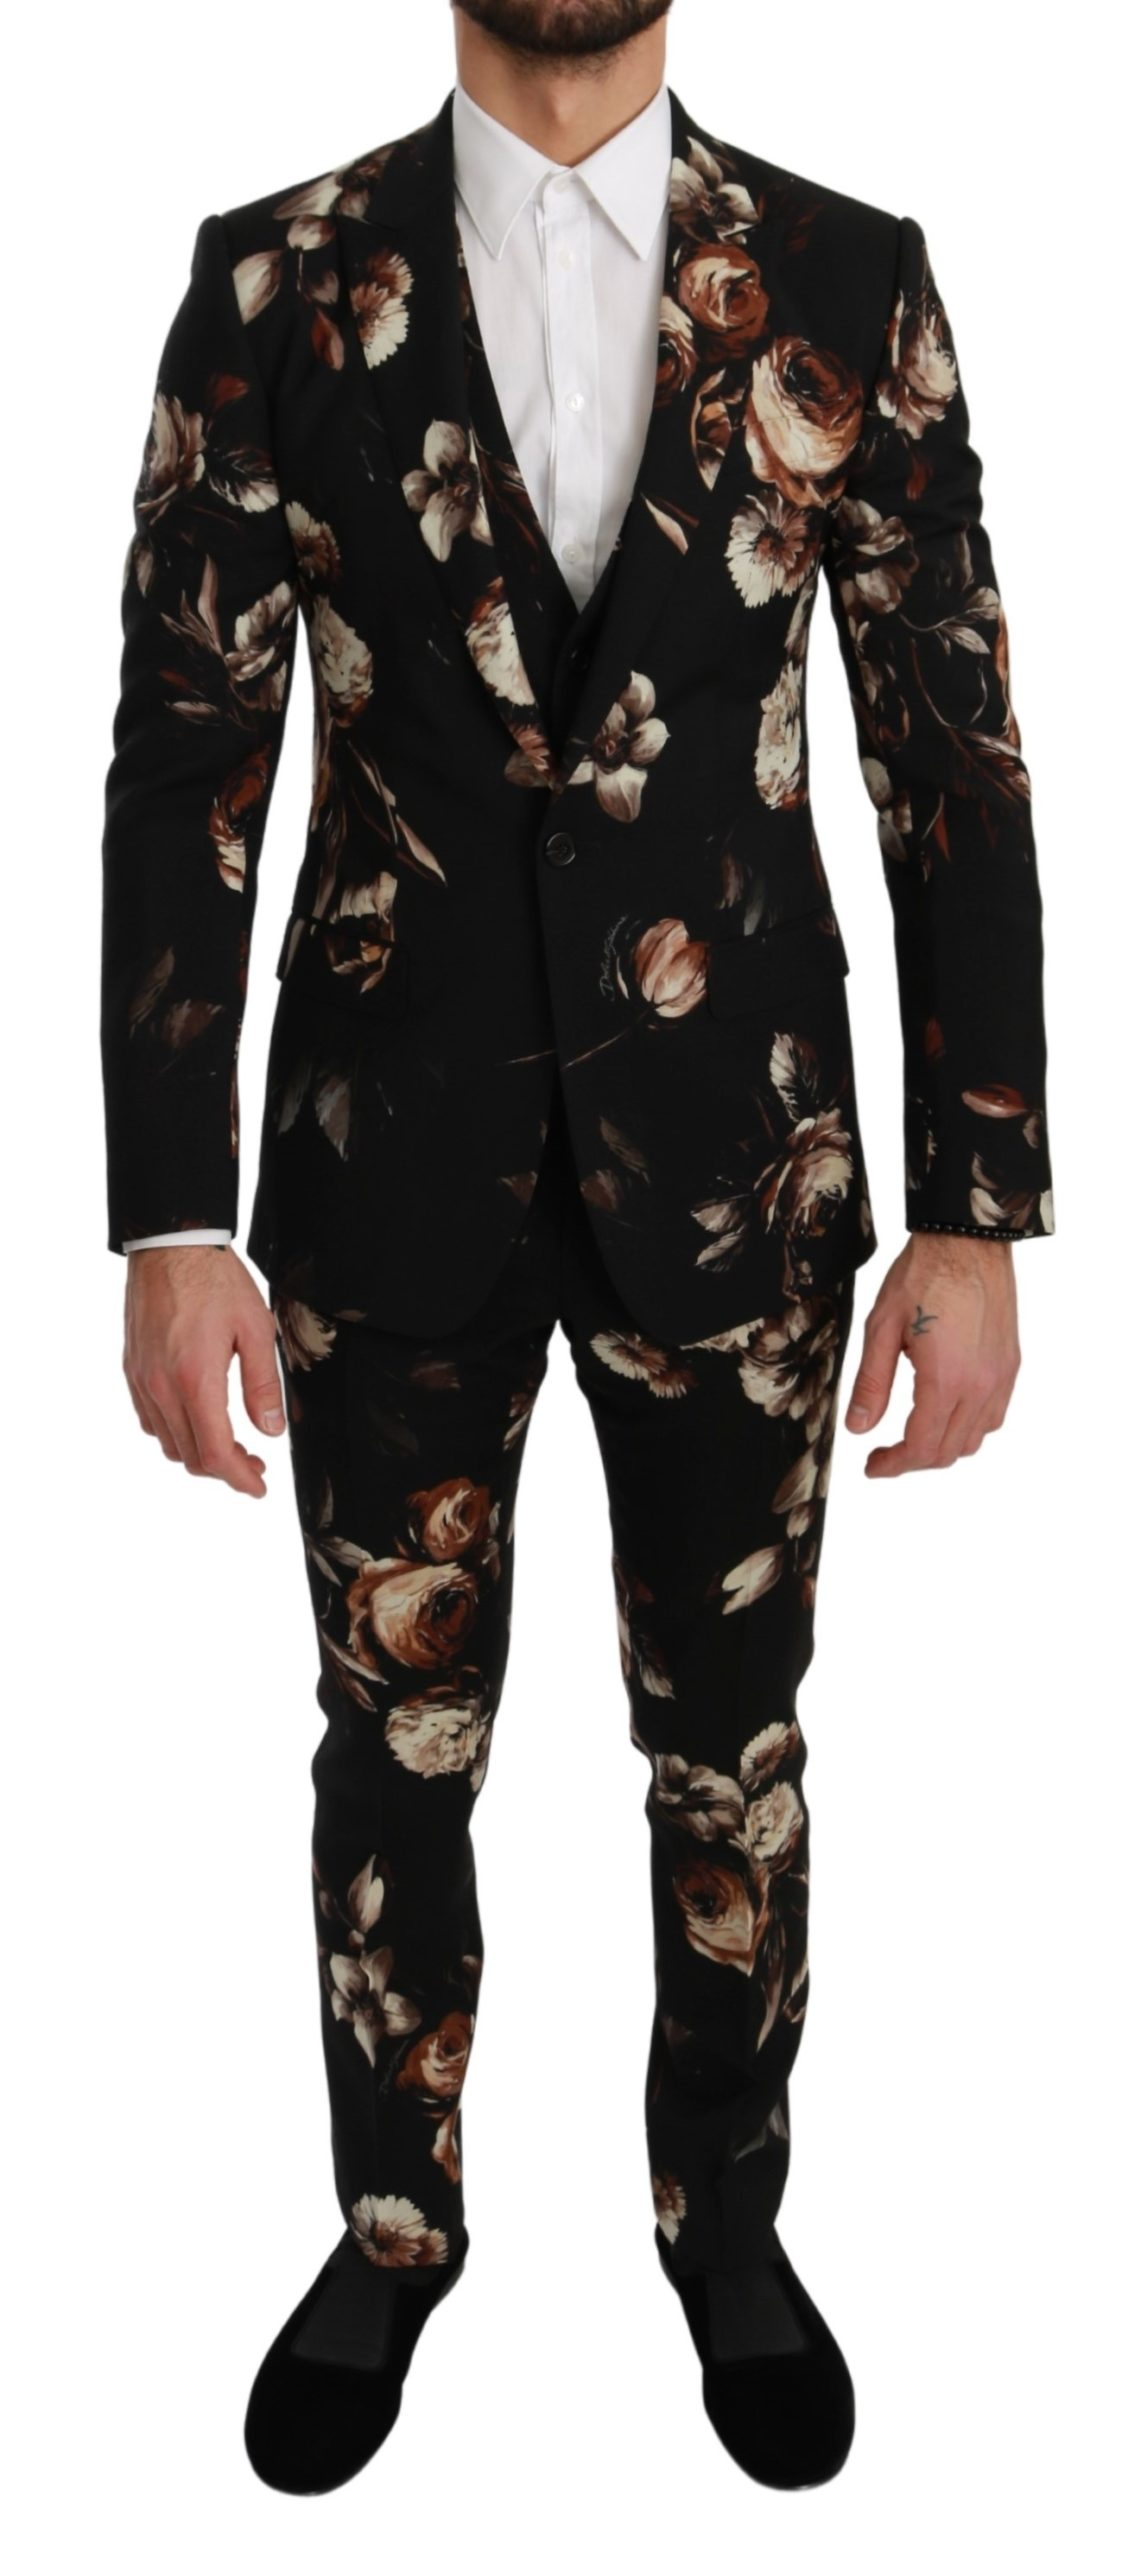 Dolce & Gabbana Men's Floral 3 Piece Slim Fit MARTINI Suit Black KOS1704 - IT44   XS